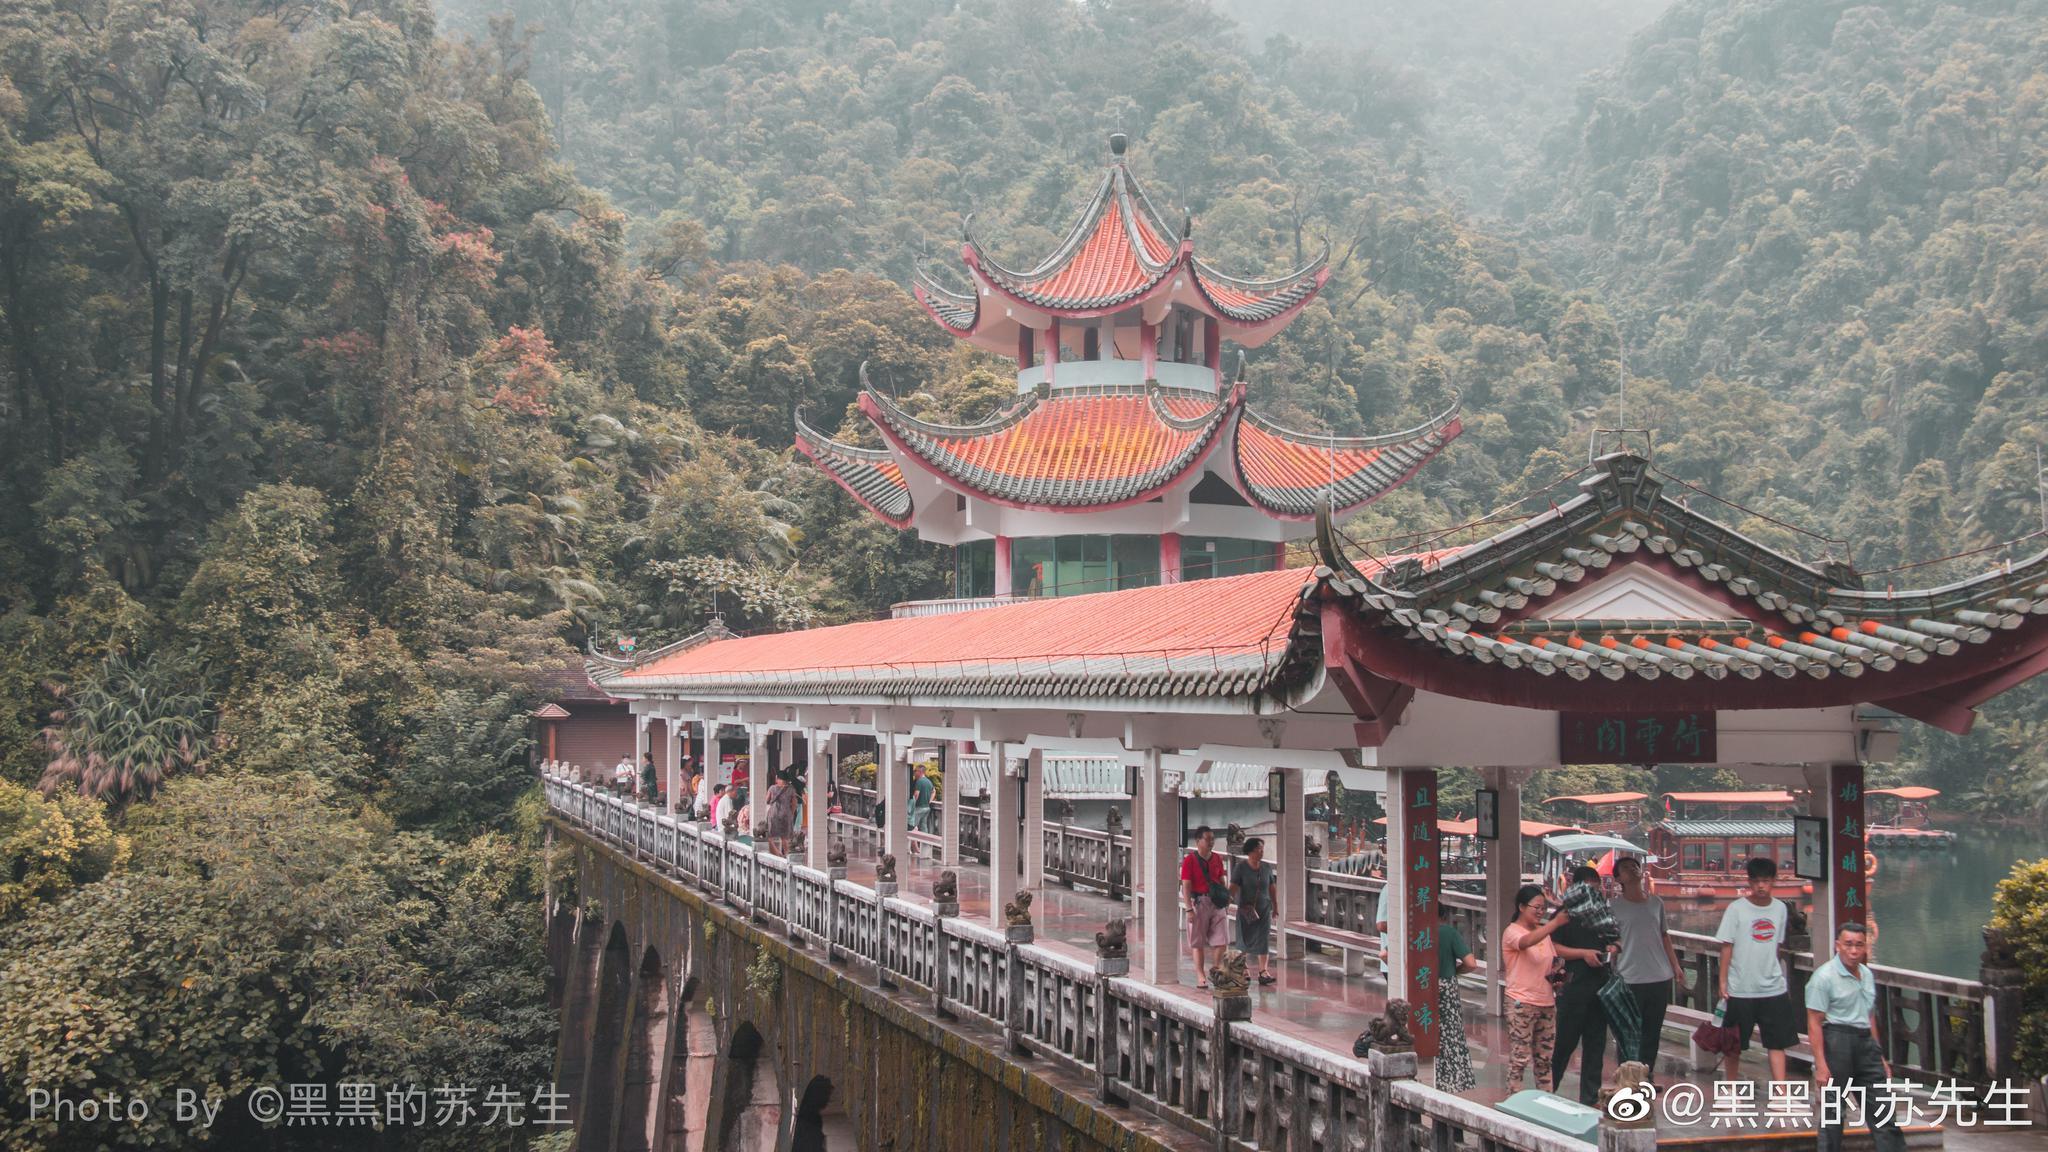 鼎湖山自唐代以来就是著名的佛教圣地和旅游胜地,在公元676年